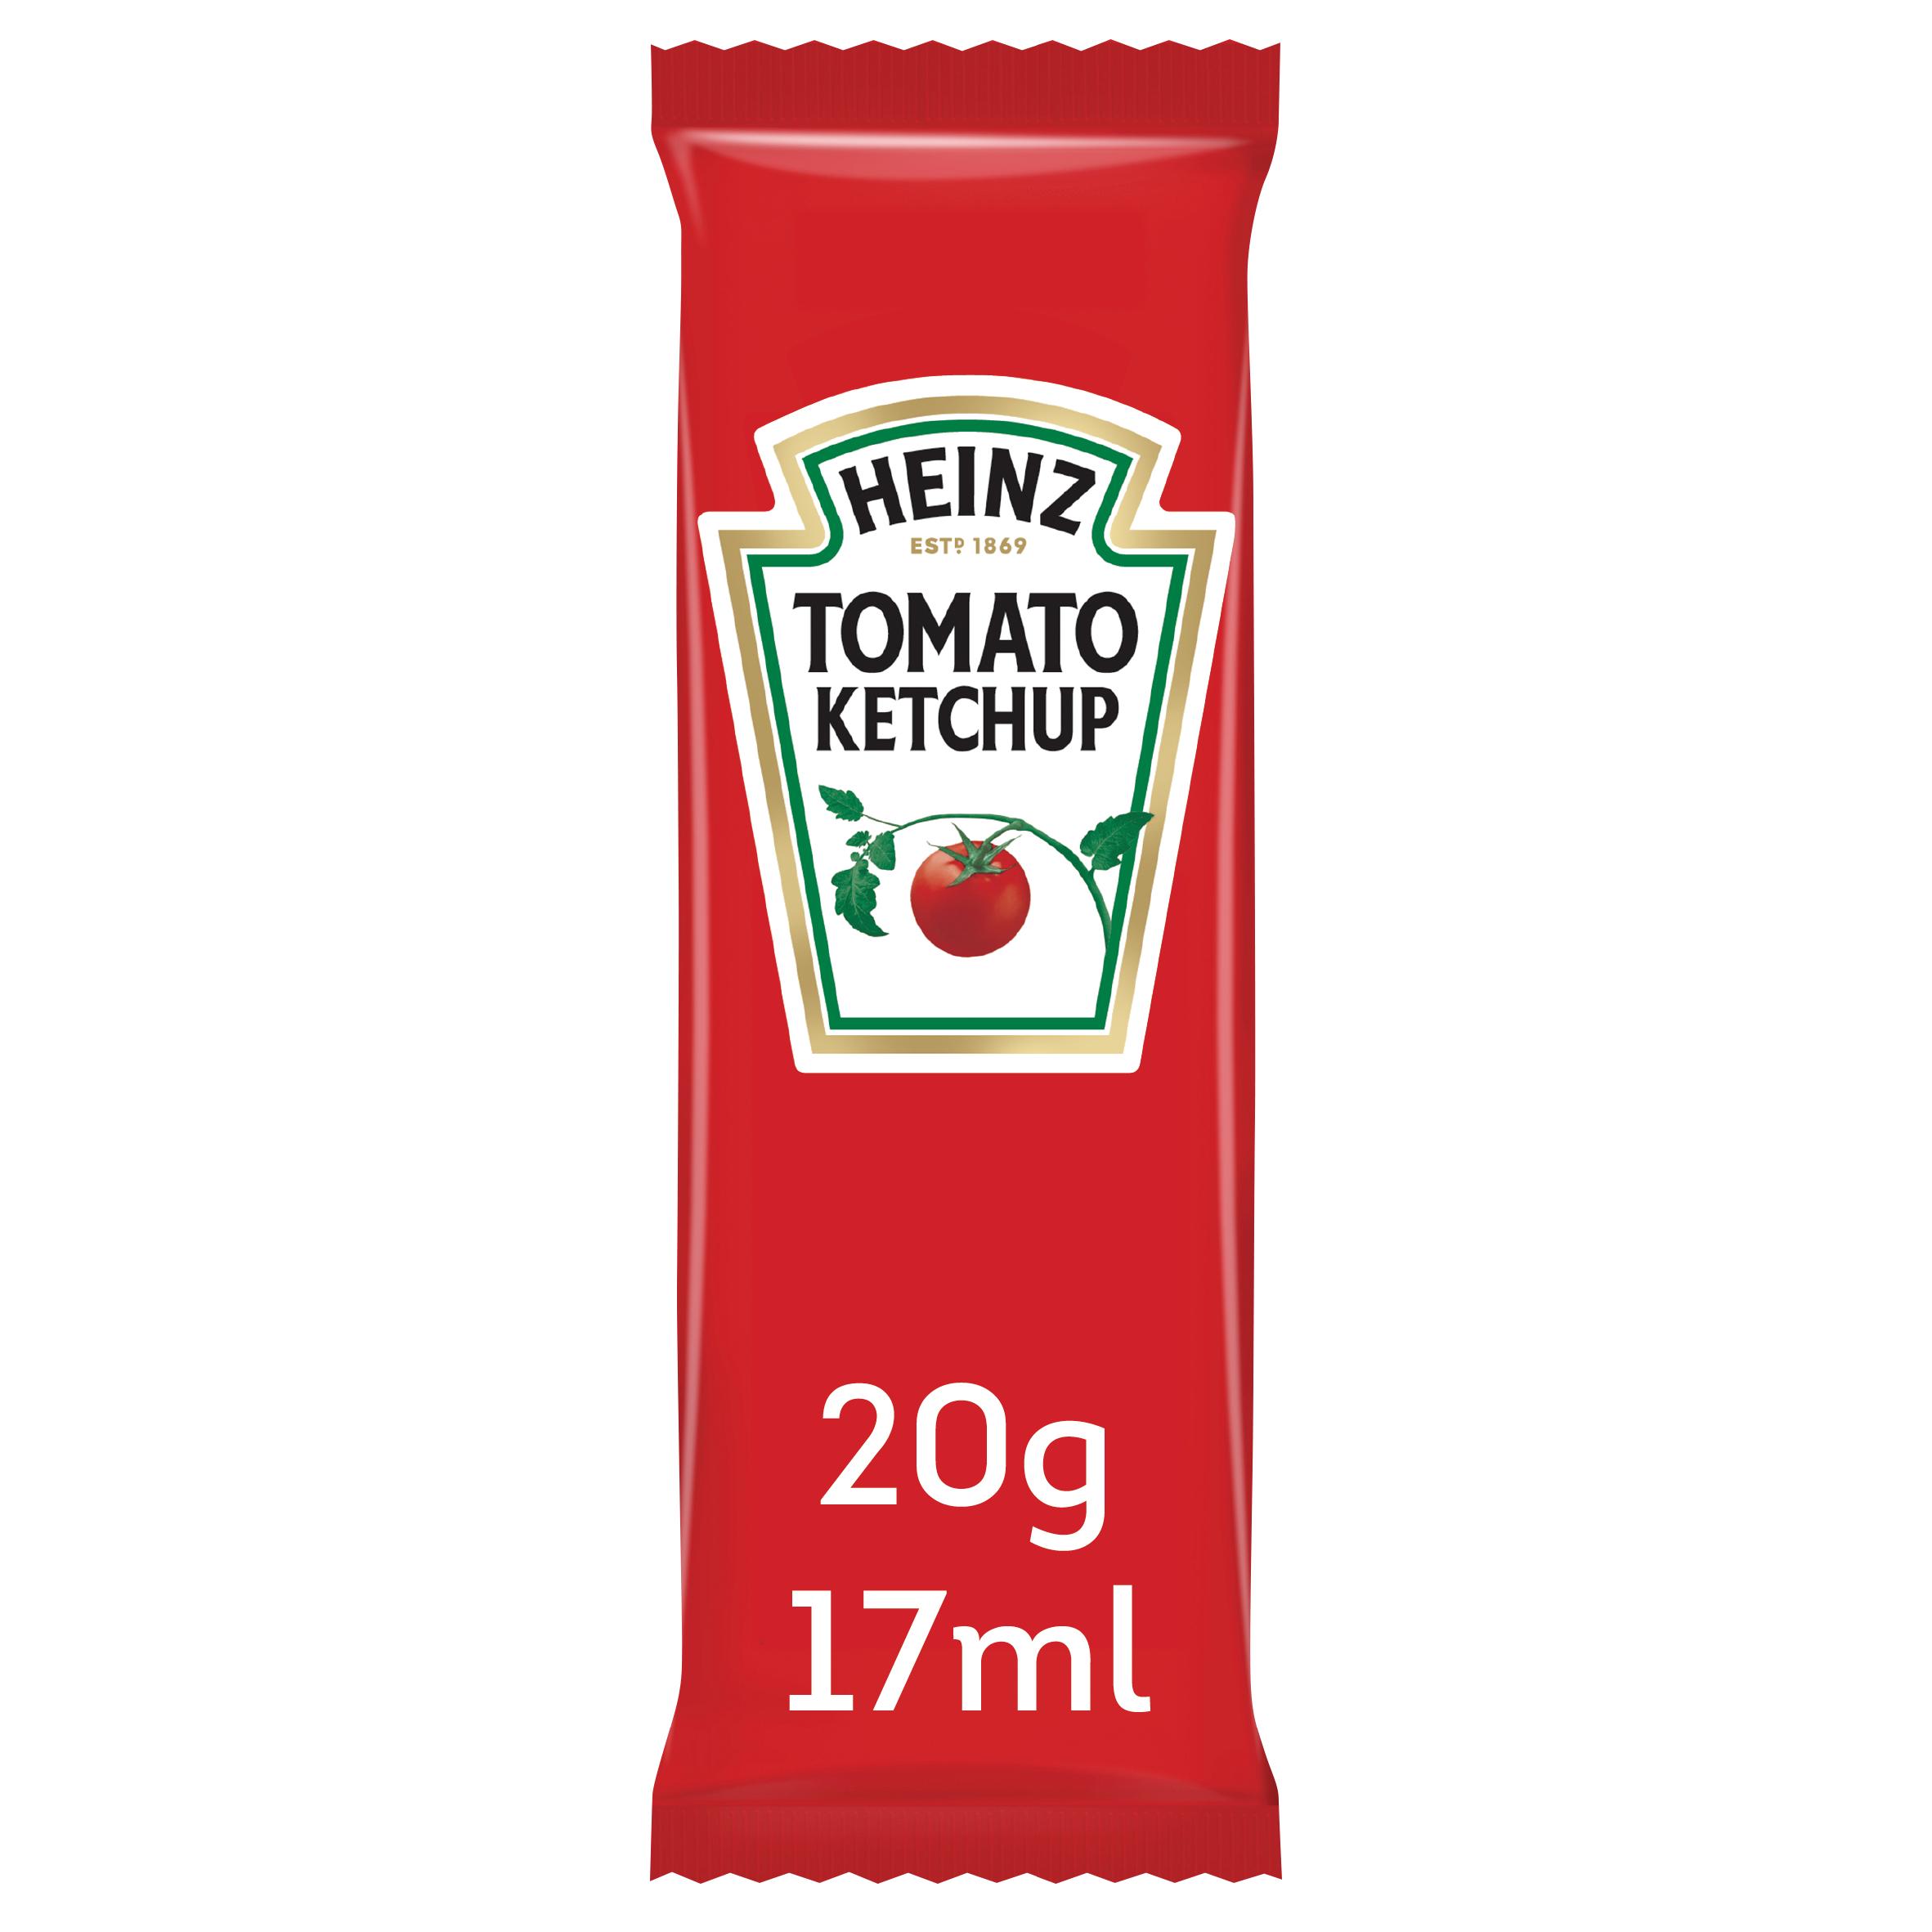 Heinz Tomato Ketchup 17ml Bustina image